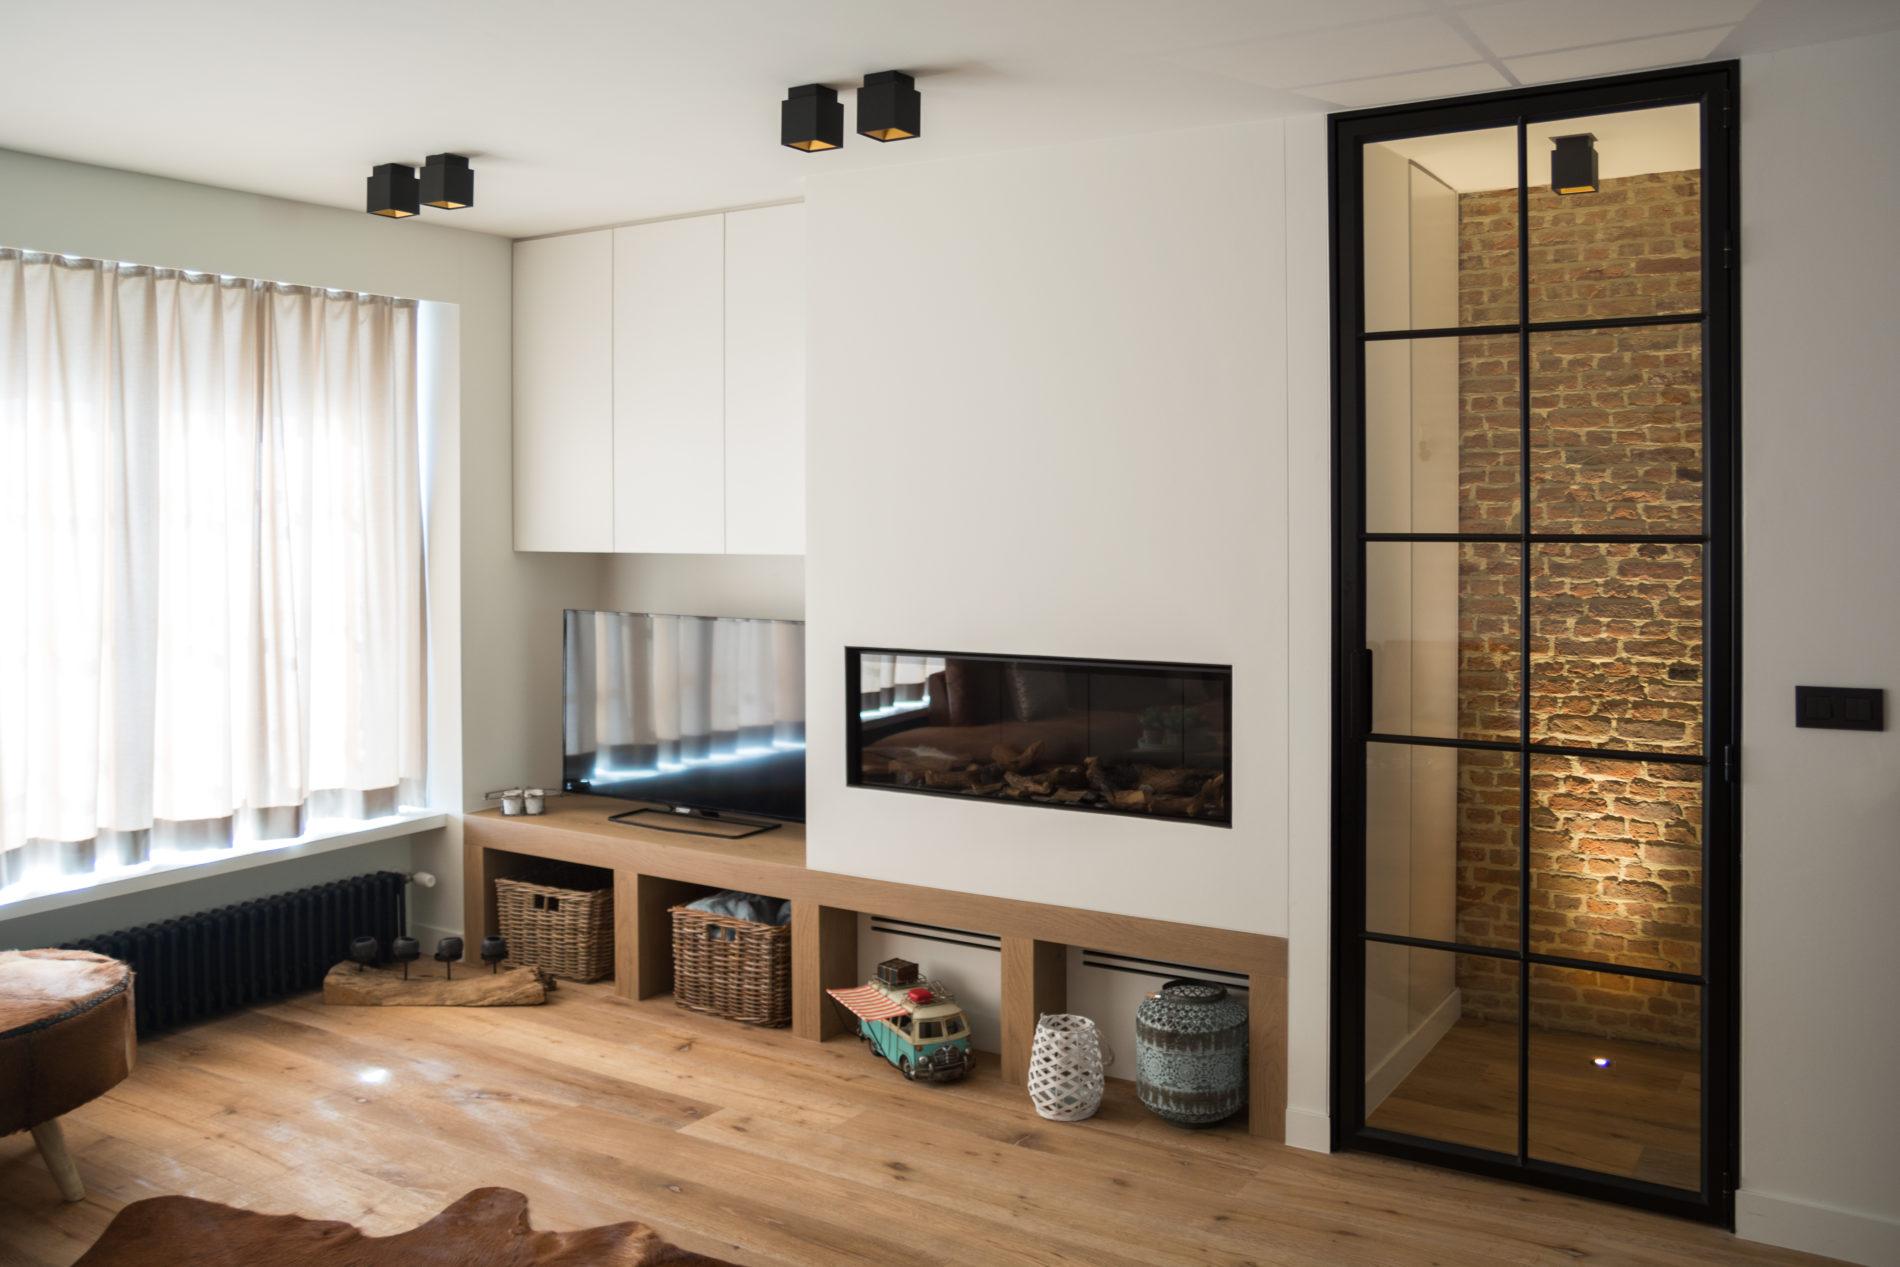 Arcoon interieur architecten interieurrenovatie renovatie